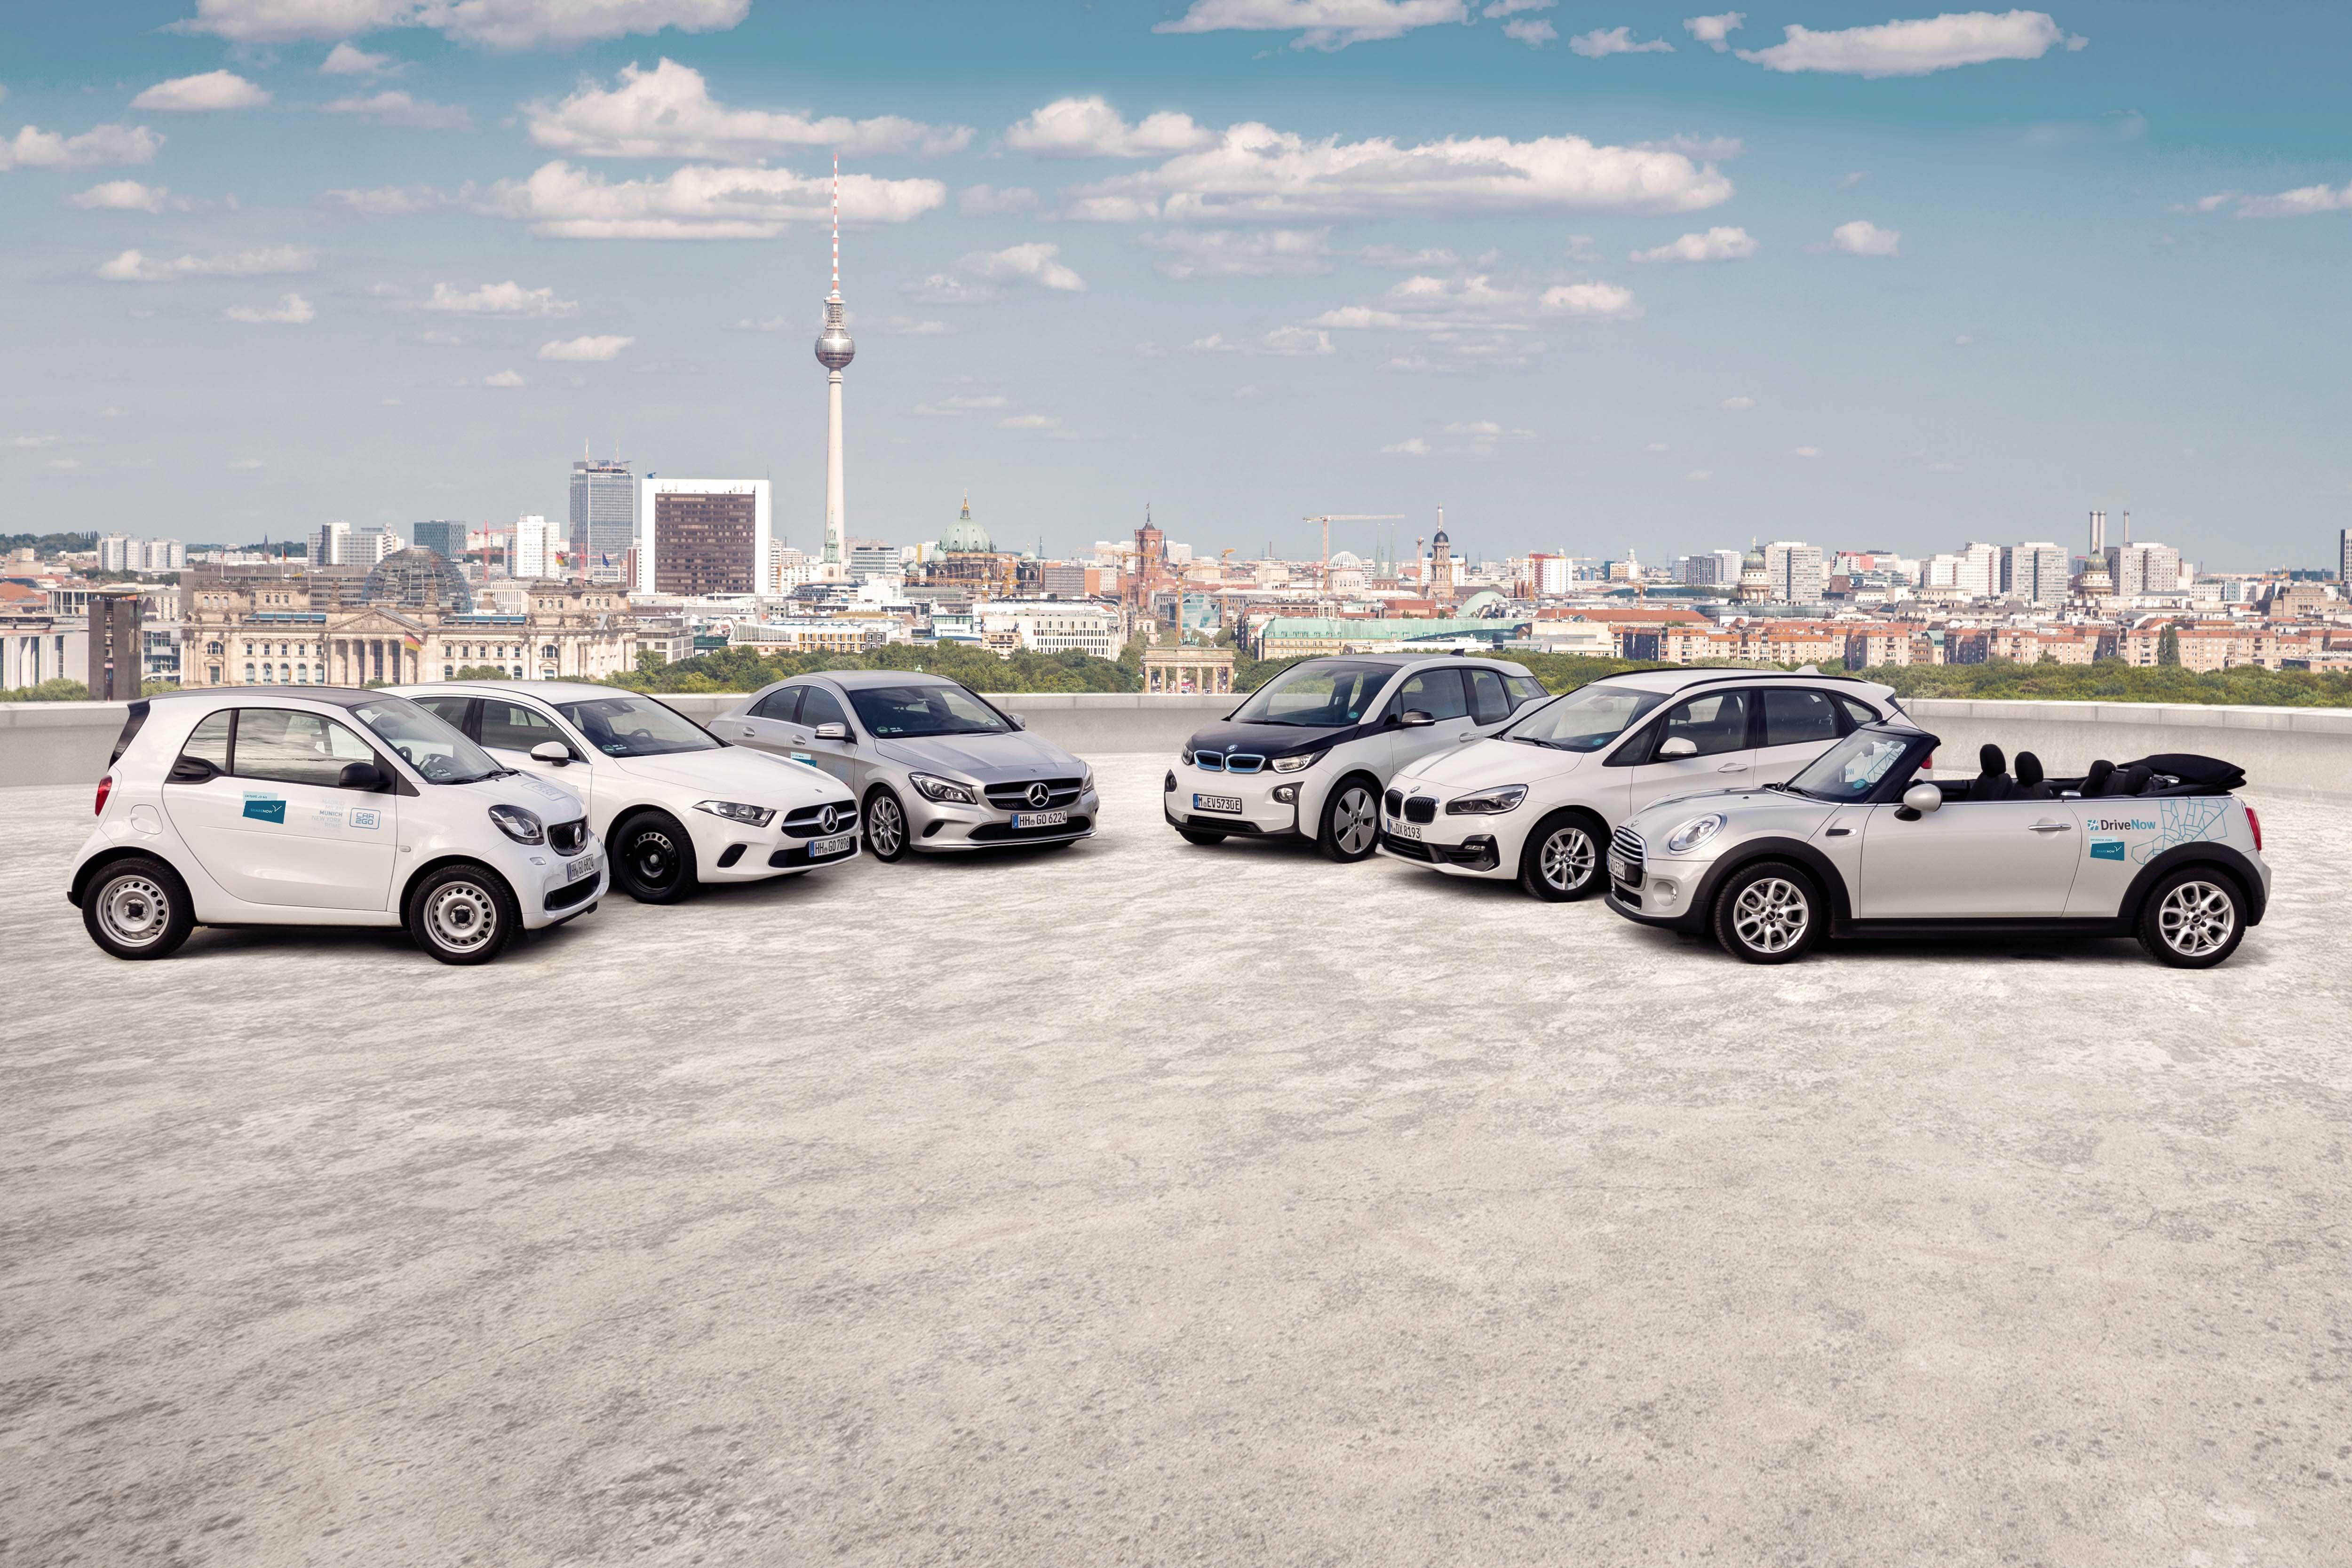 Share Now: la joint venture tra car2go e DriveNow, ecco la nuova flotta